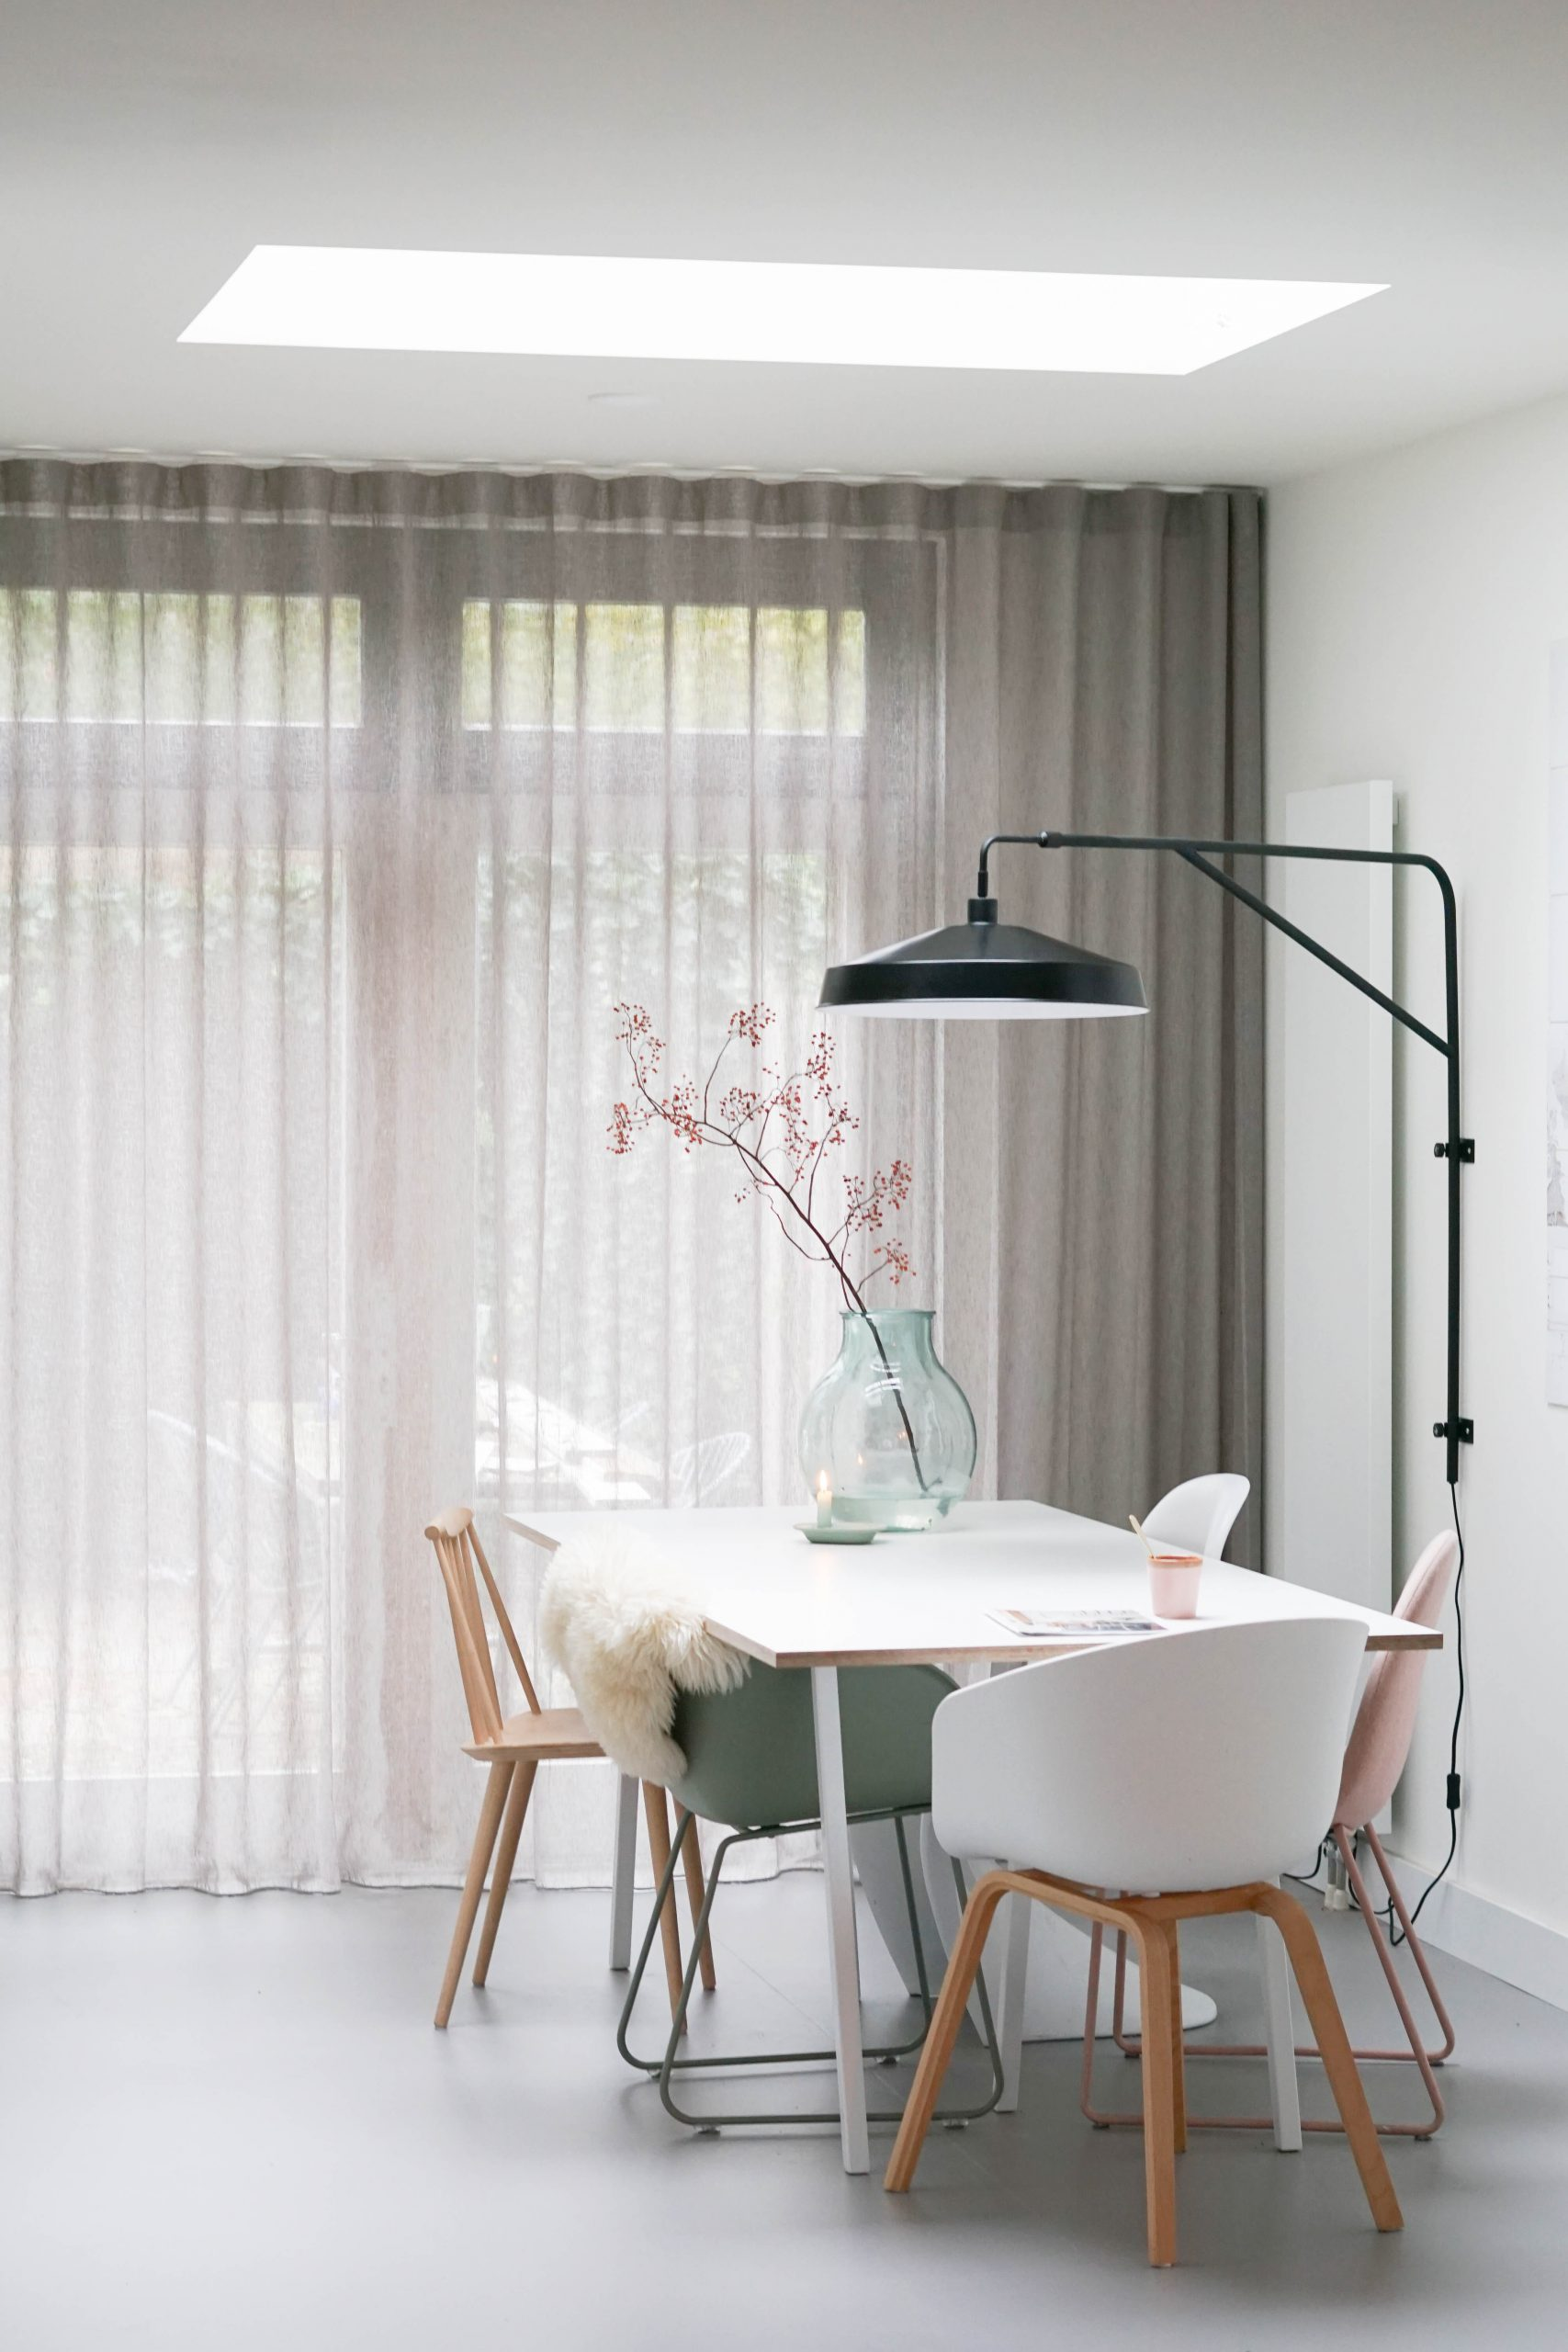 Alles wat je wilt weten over een Scandinavisch interieur